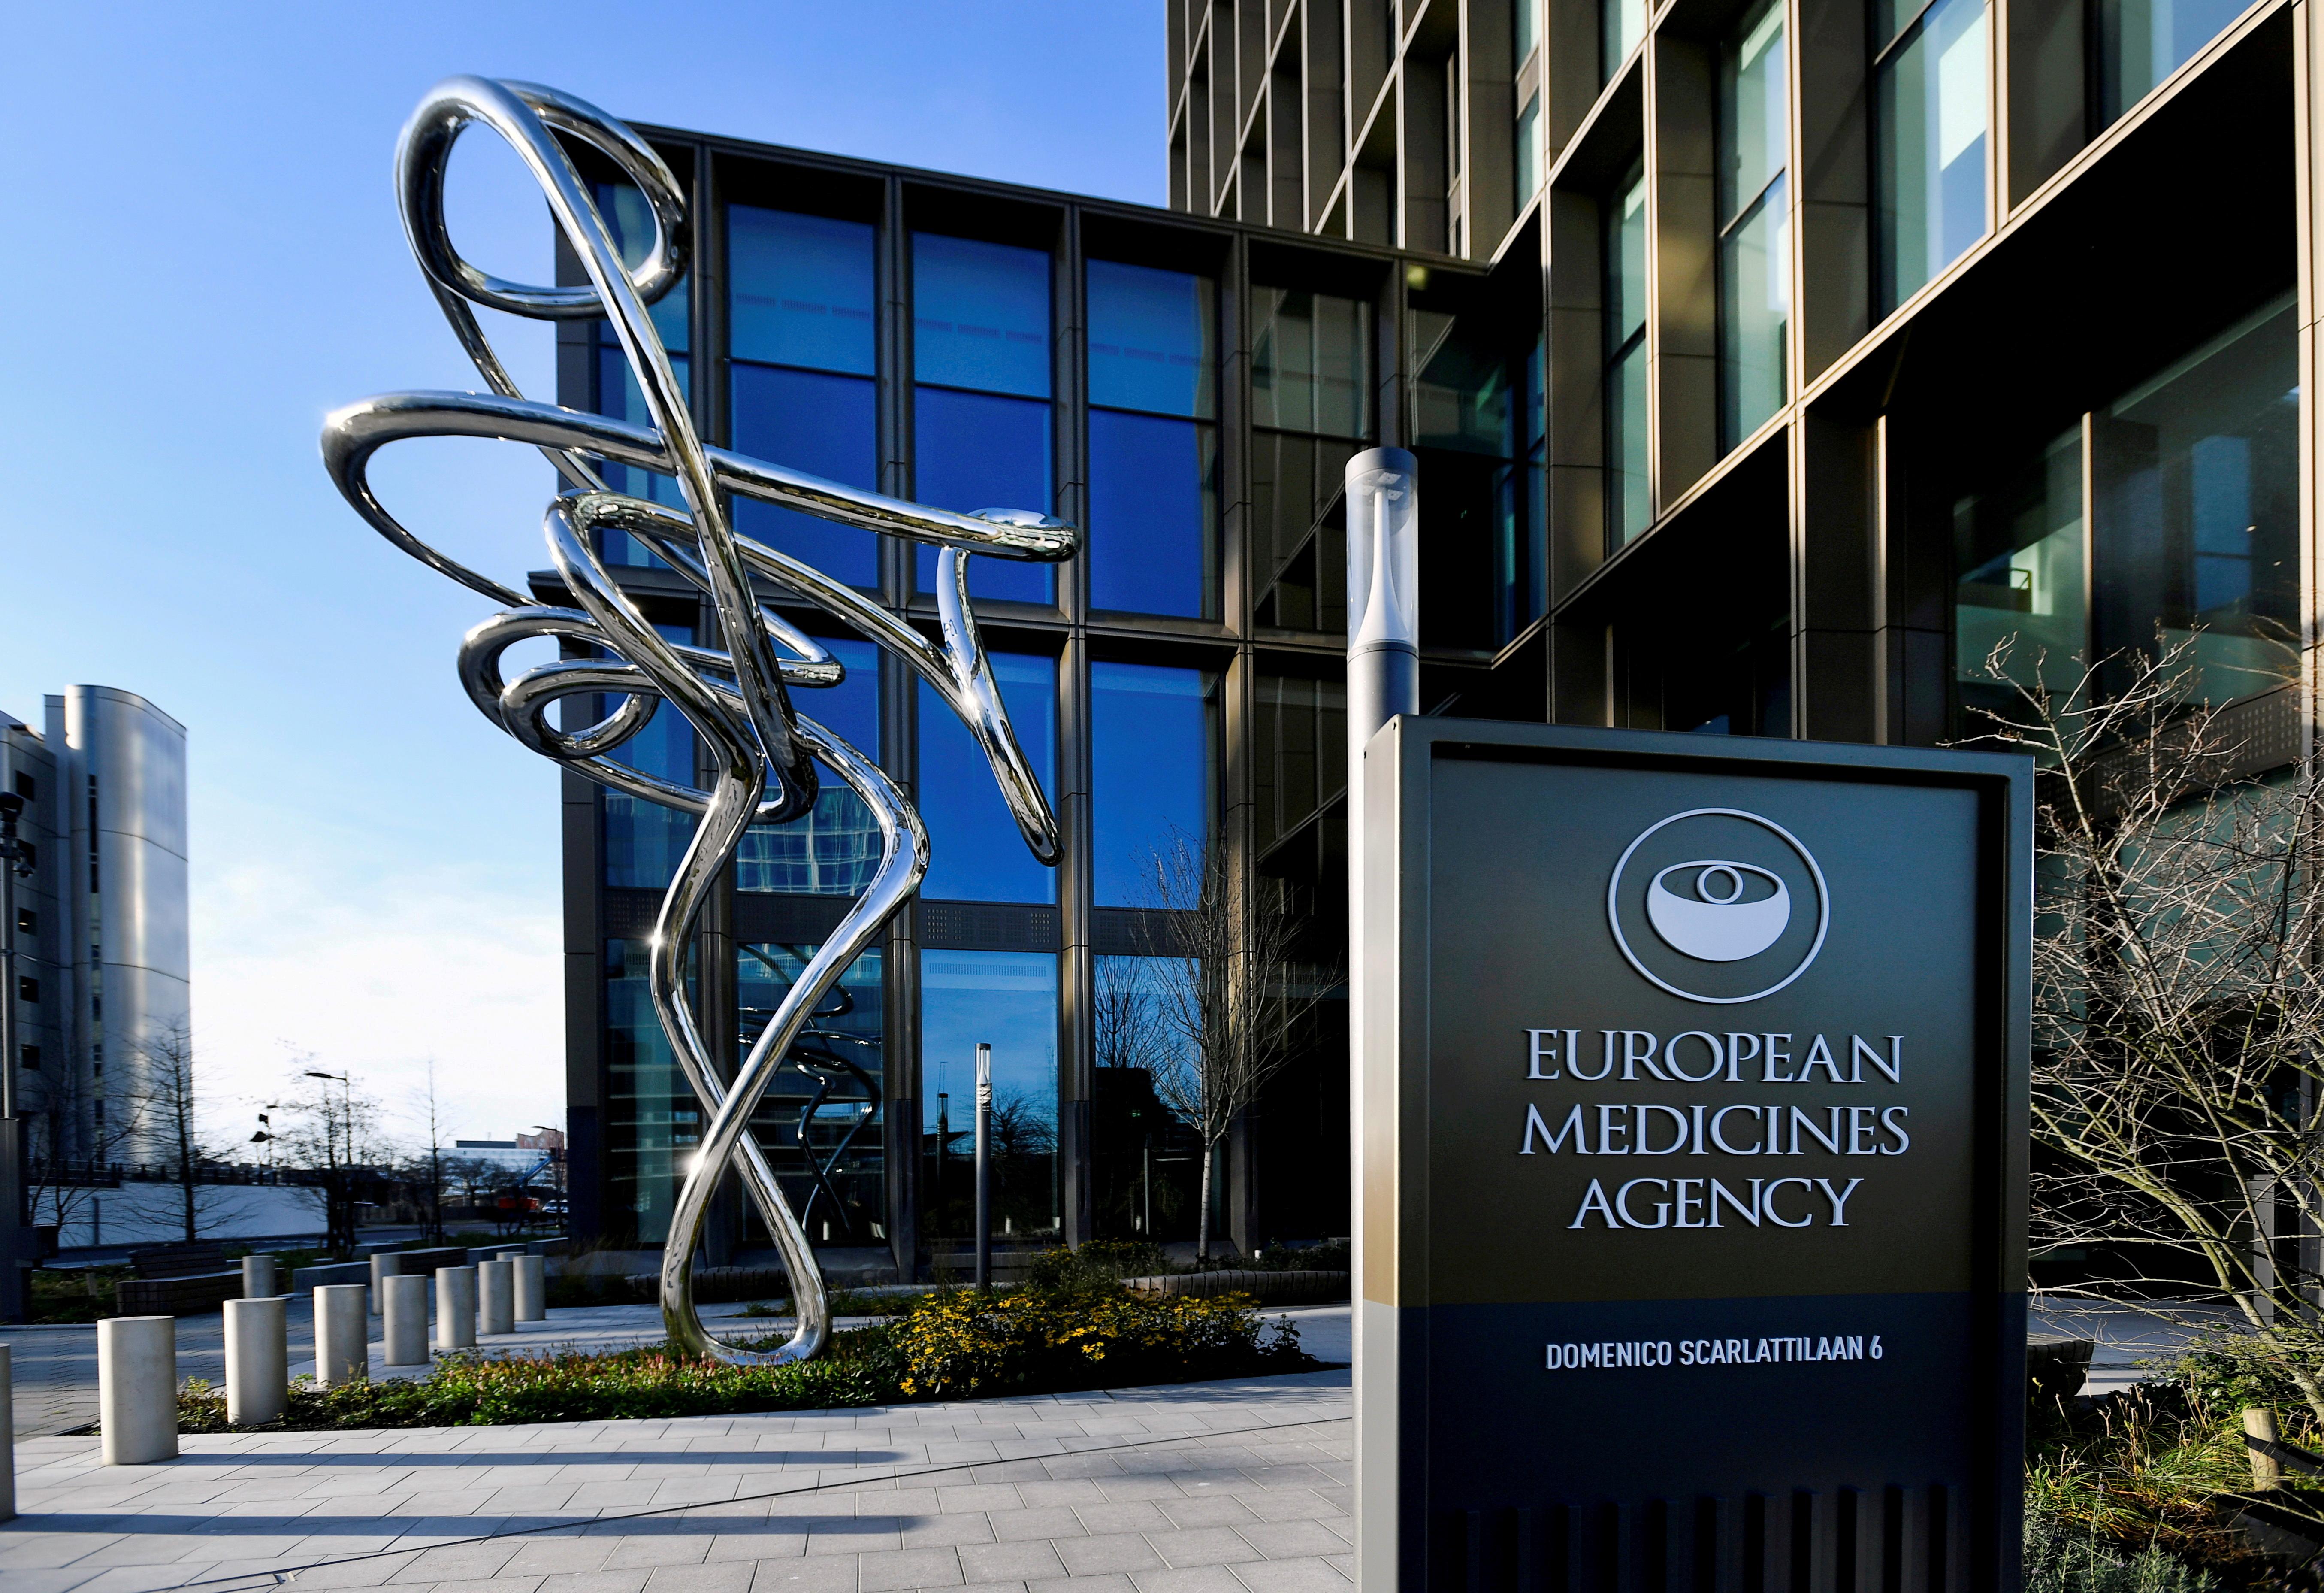 The exterior of the European Medicines Agency is seen in Amsterdam, Netherlands, December 18, 2020. REUTERS/Piroschka van de Wouw